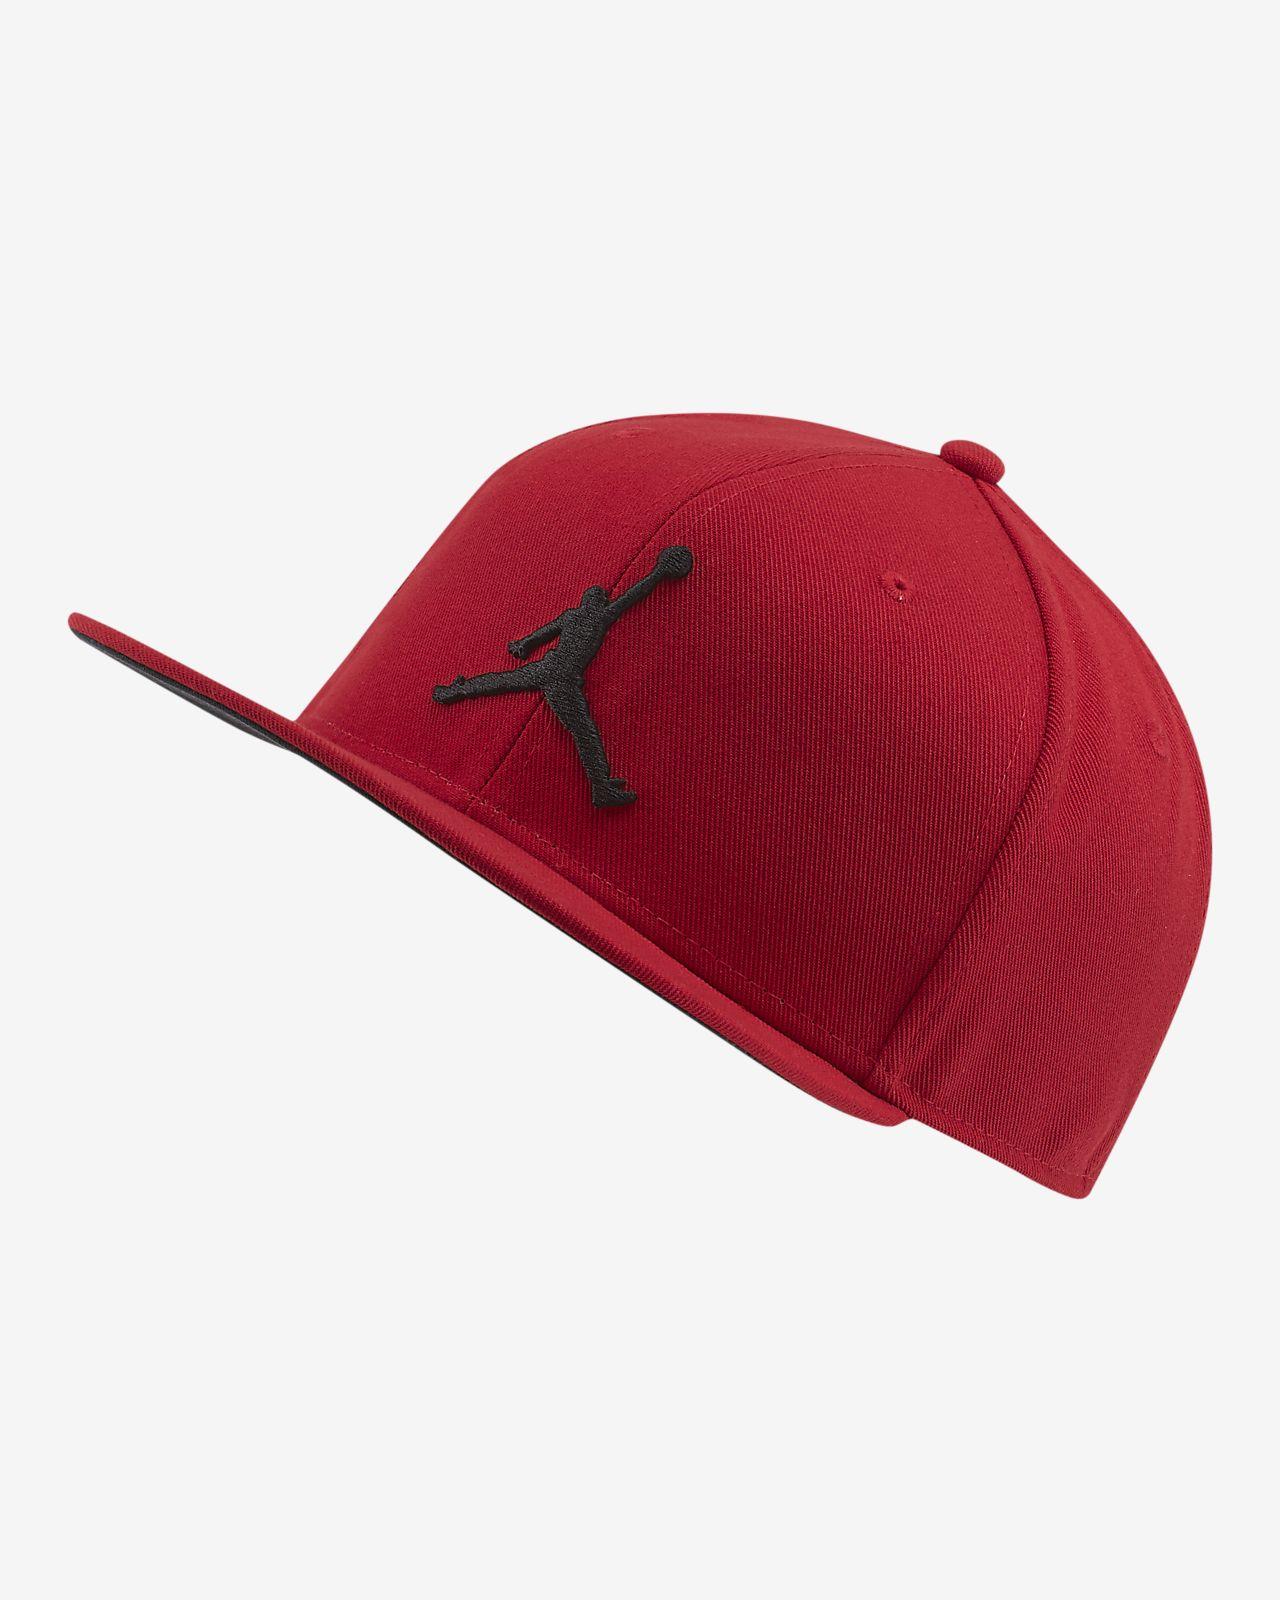 Luxusmode kosten charm Wert für Geld Jordan Pro Jumpman Snapback Hat